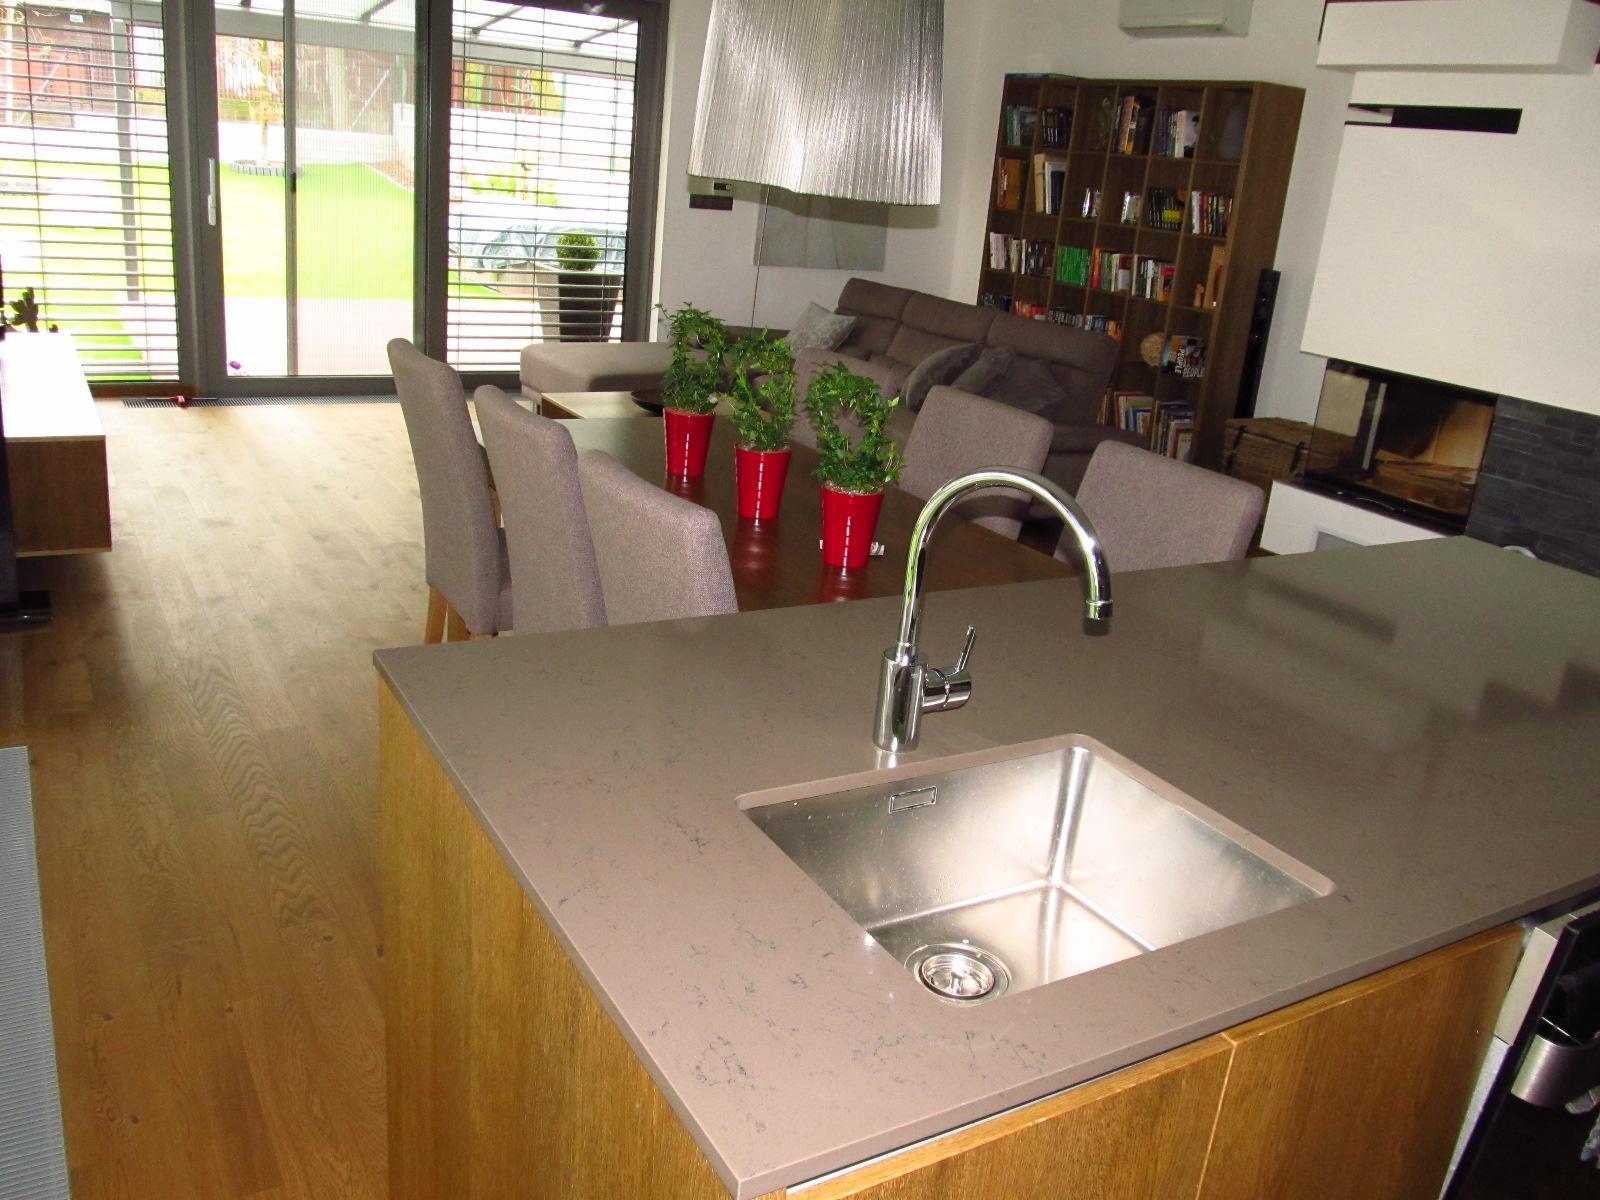 Takto bude vyzerať naša kuchyňa :) - Obrázok č. 7